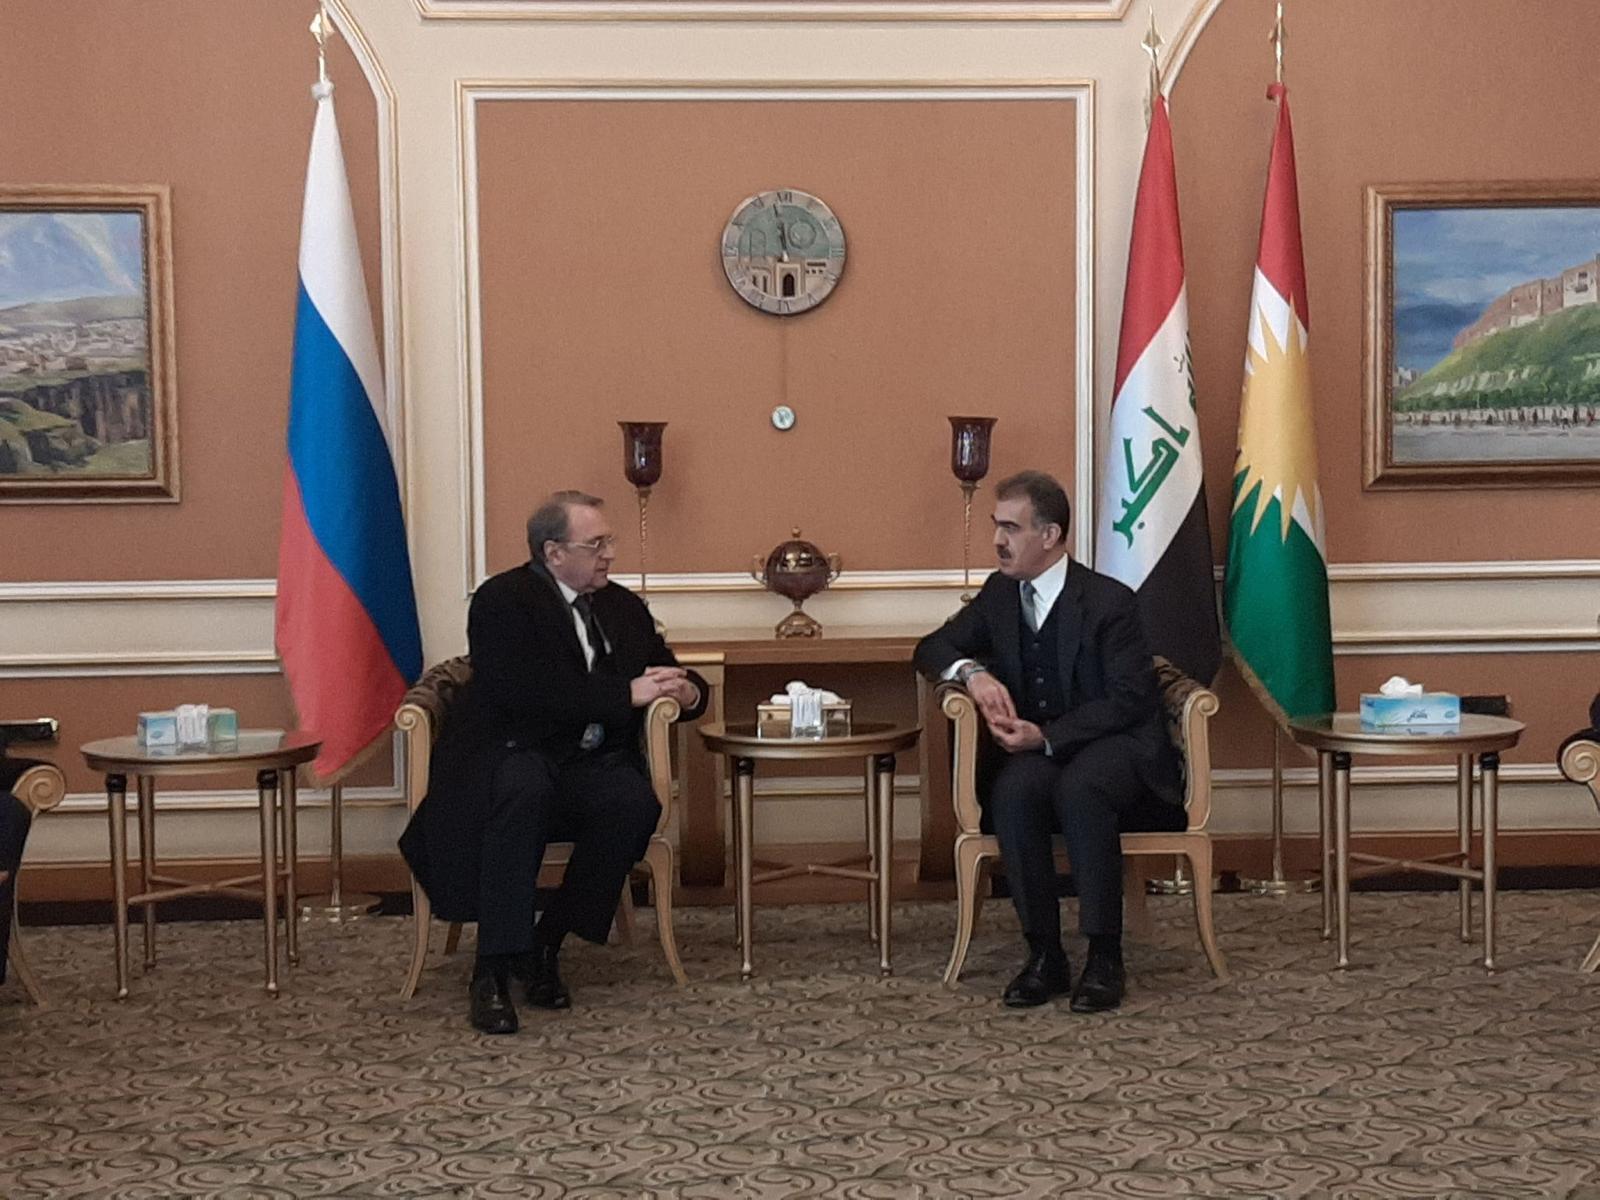 Rusya Dışişleri Bakan Yardımcısı Erbil'de